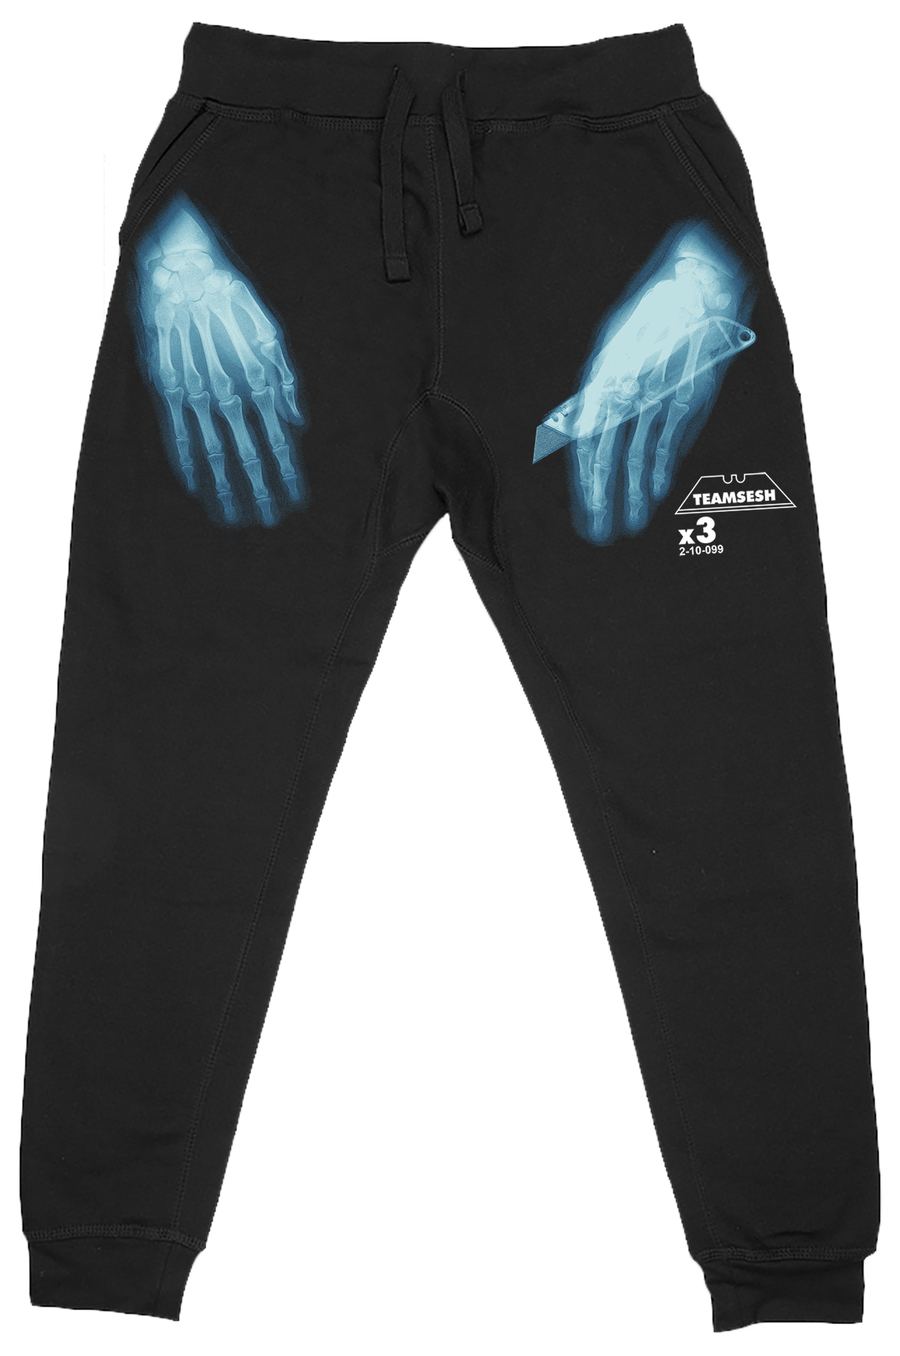 Image of BoxCutter sweatpants